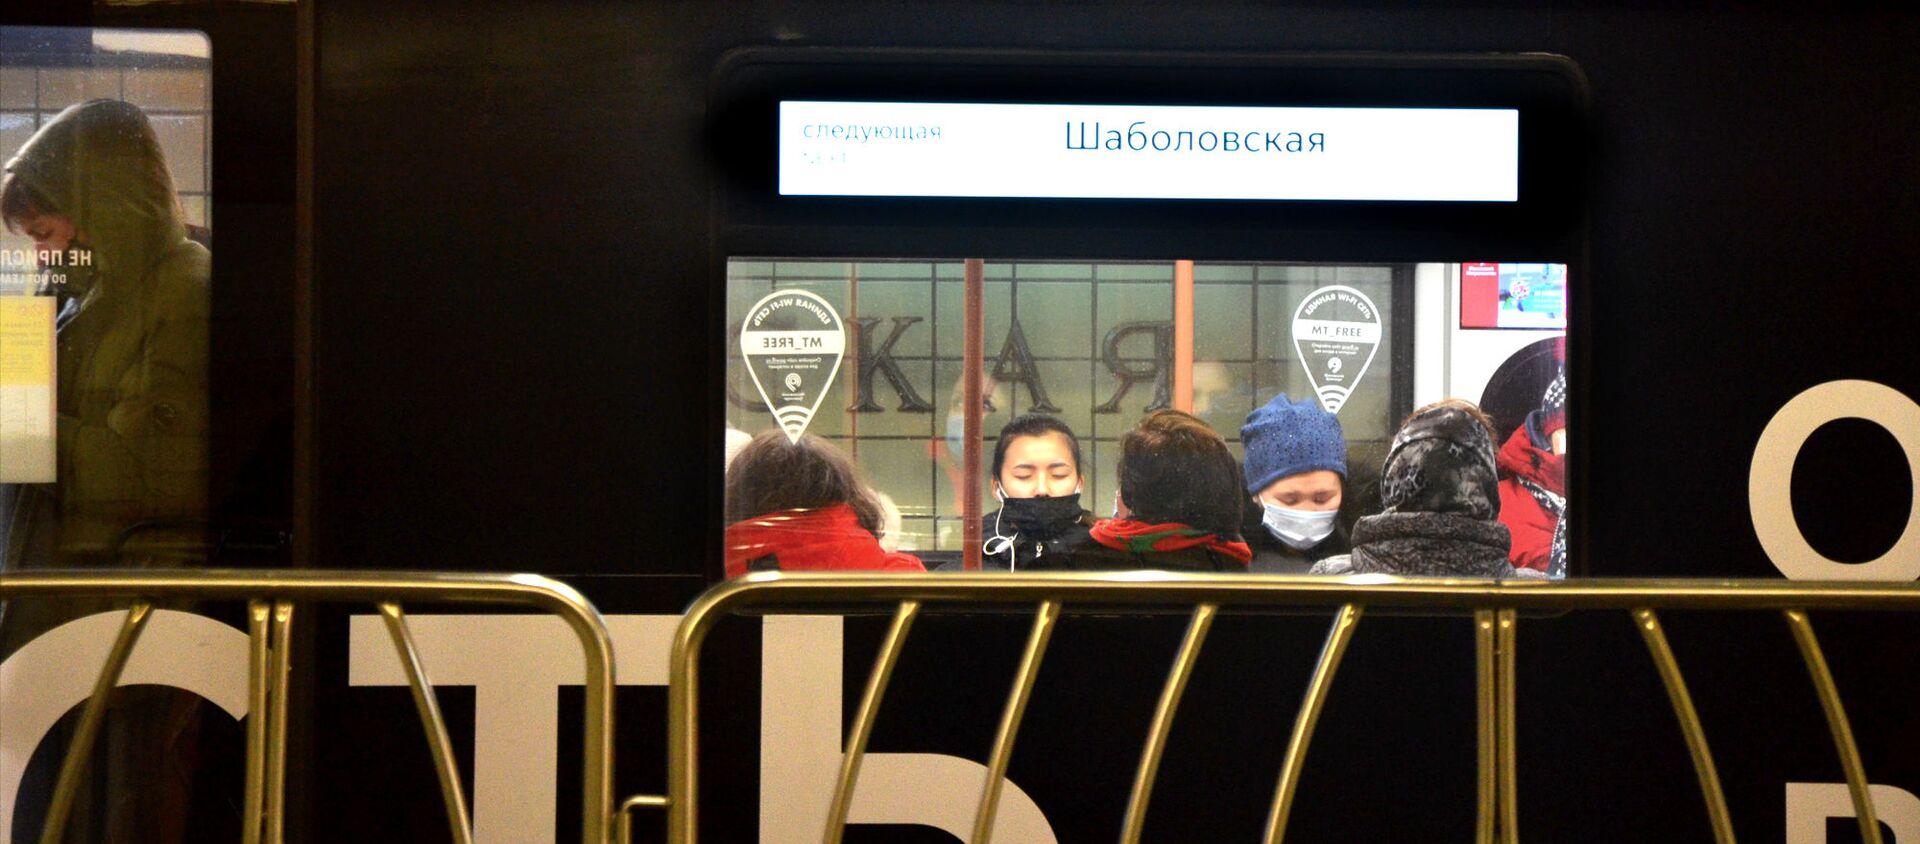 Coronavirus in Russia - Mosca, metropolitana, febbraio 2021 - Sputnik Italia, 1920, 25.04.2021